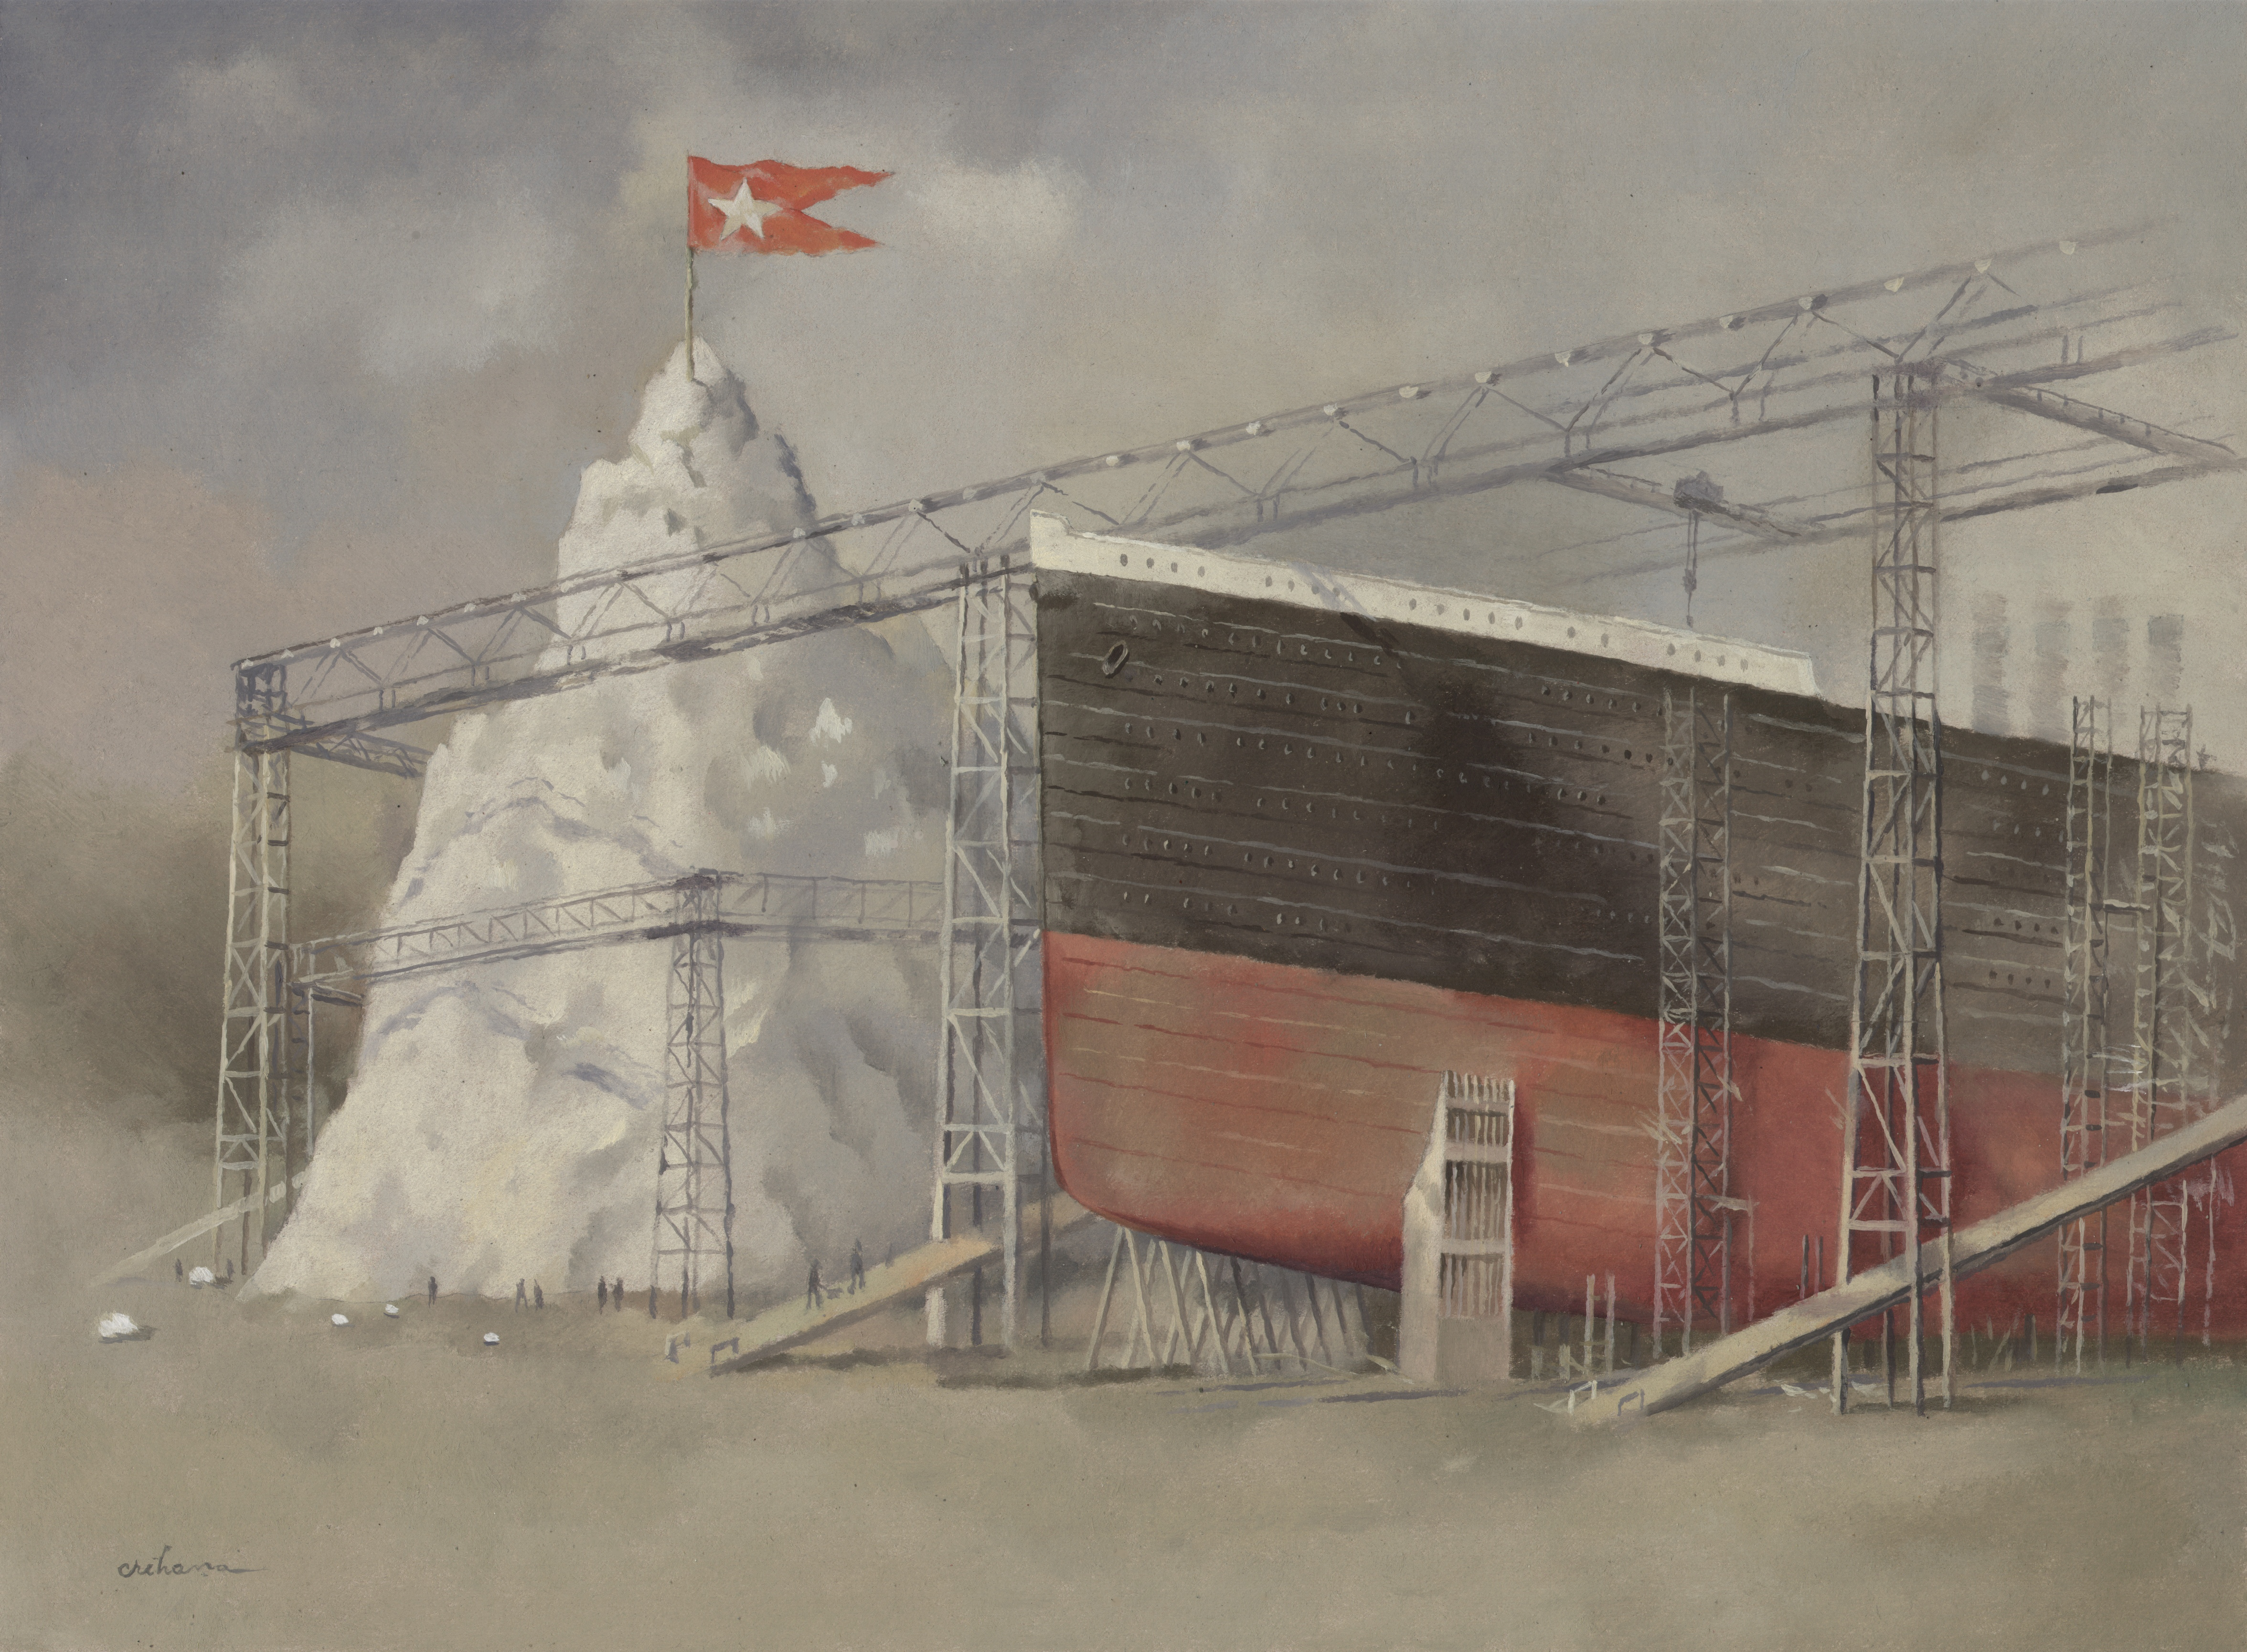 Santierul Naval Belfast constructii in paralel